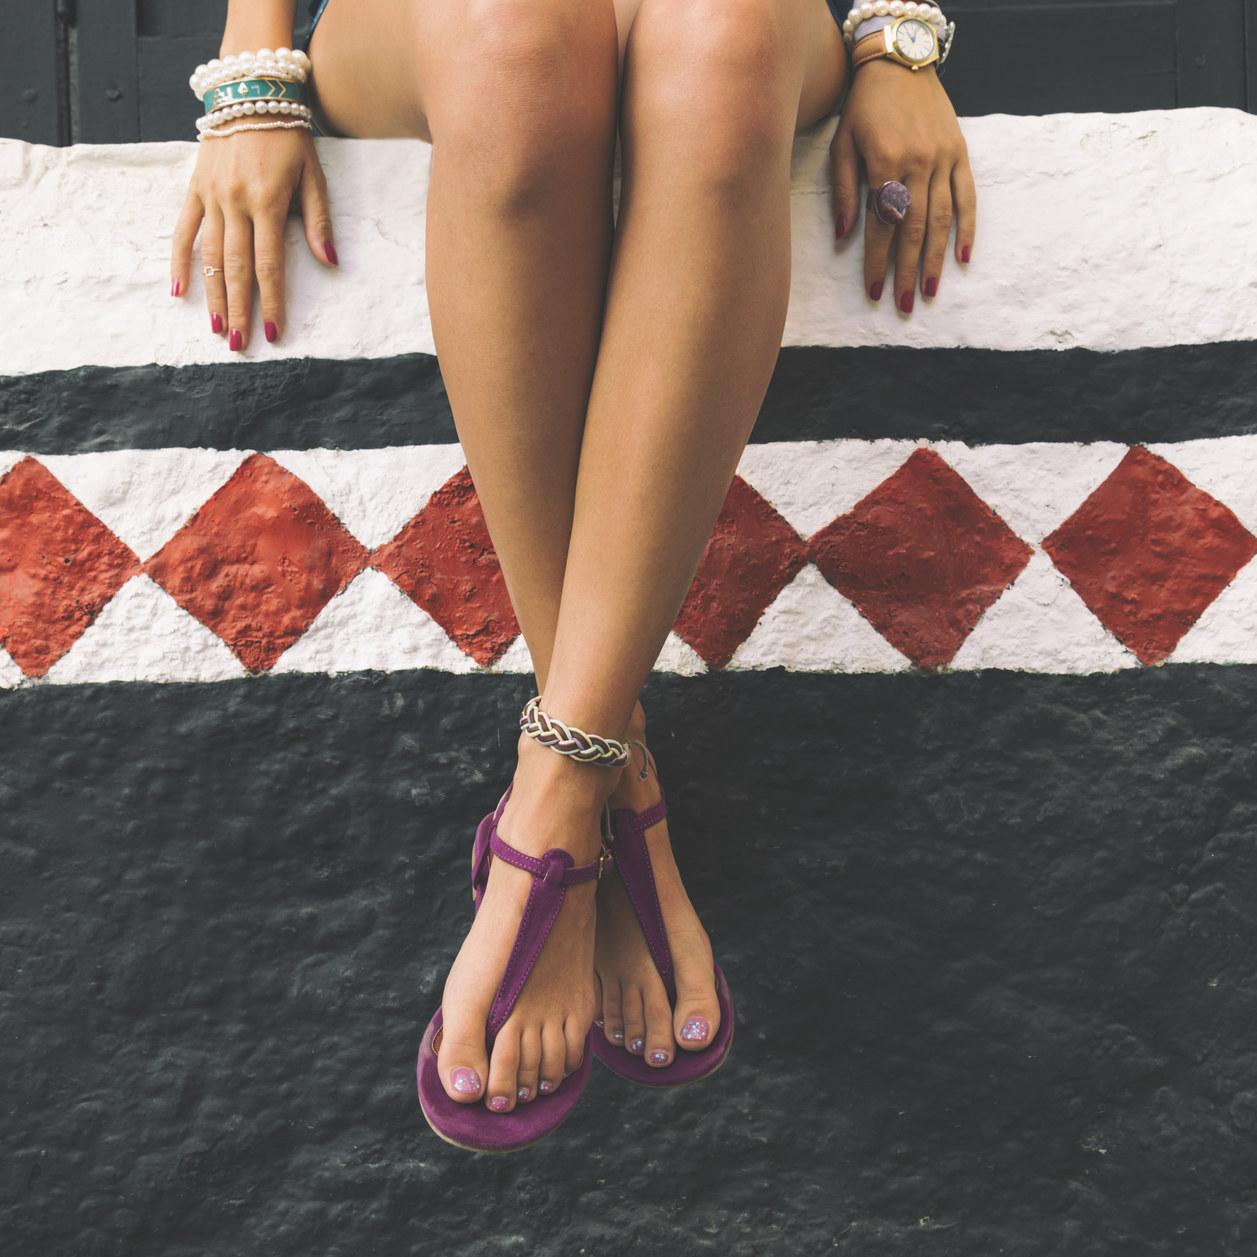 Pronta per partire? Ecco i sandali firmati in offerta perfetti per le vacanze!